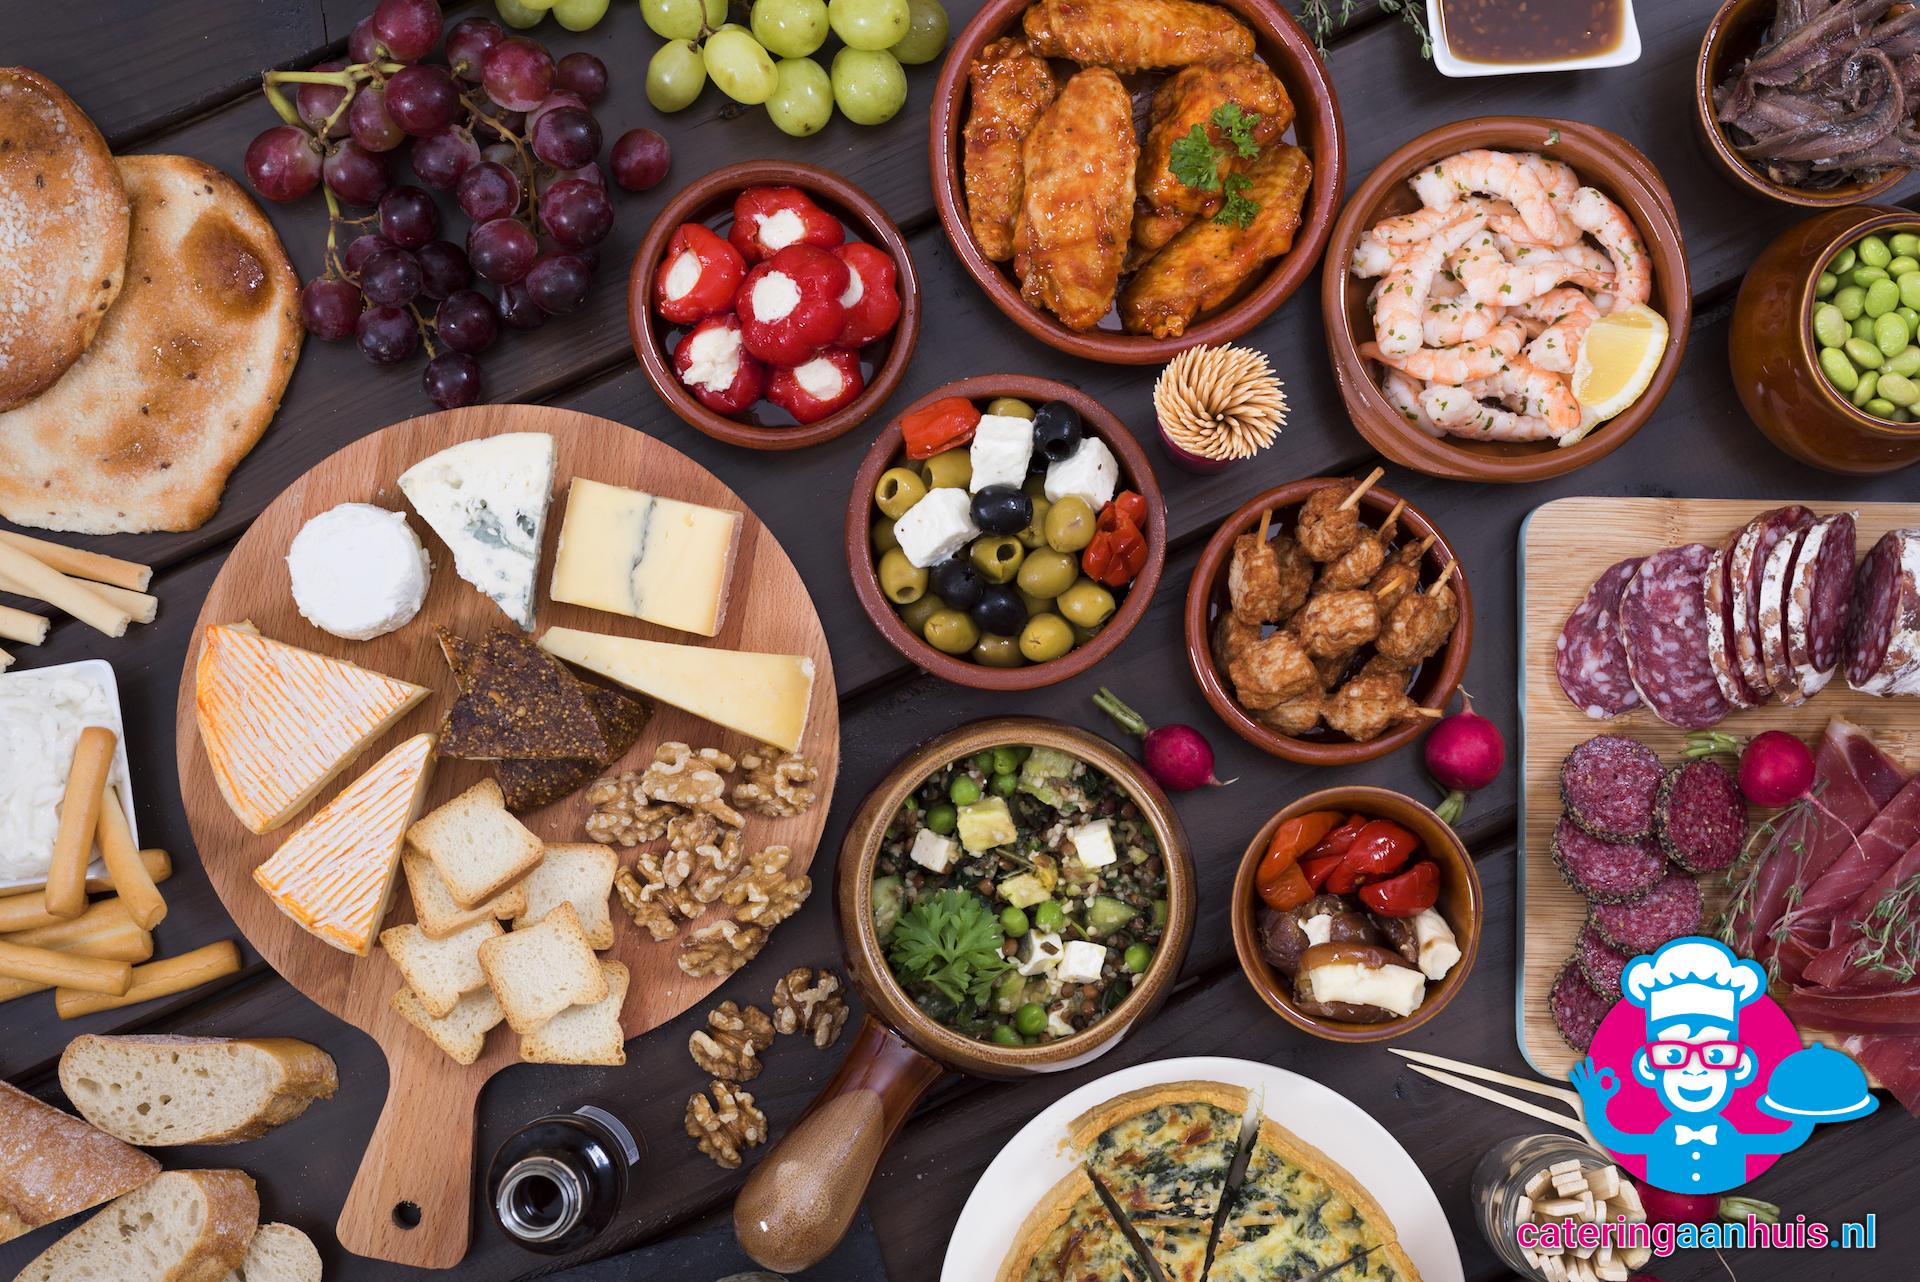 Verwonderend Tapas buffet ⋆ Catering aan huis ⋆ Catering Aan Huis .NL VE-15